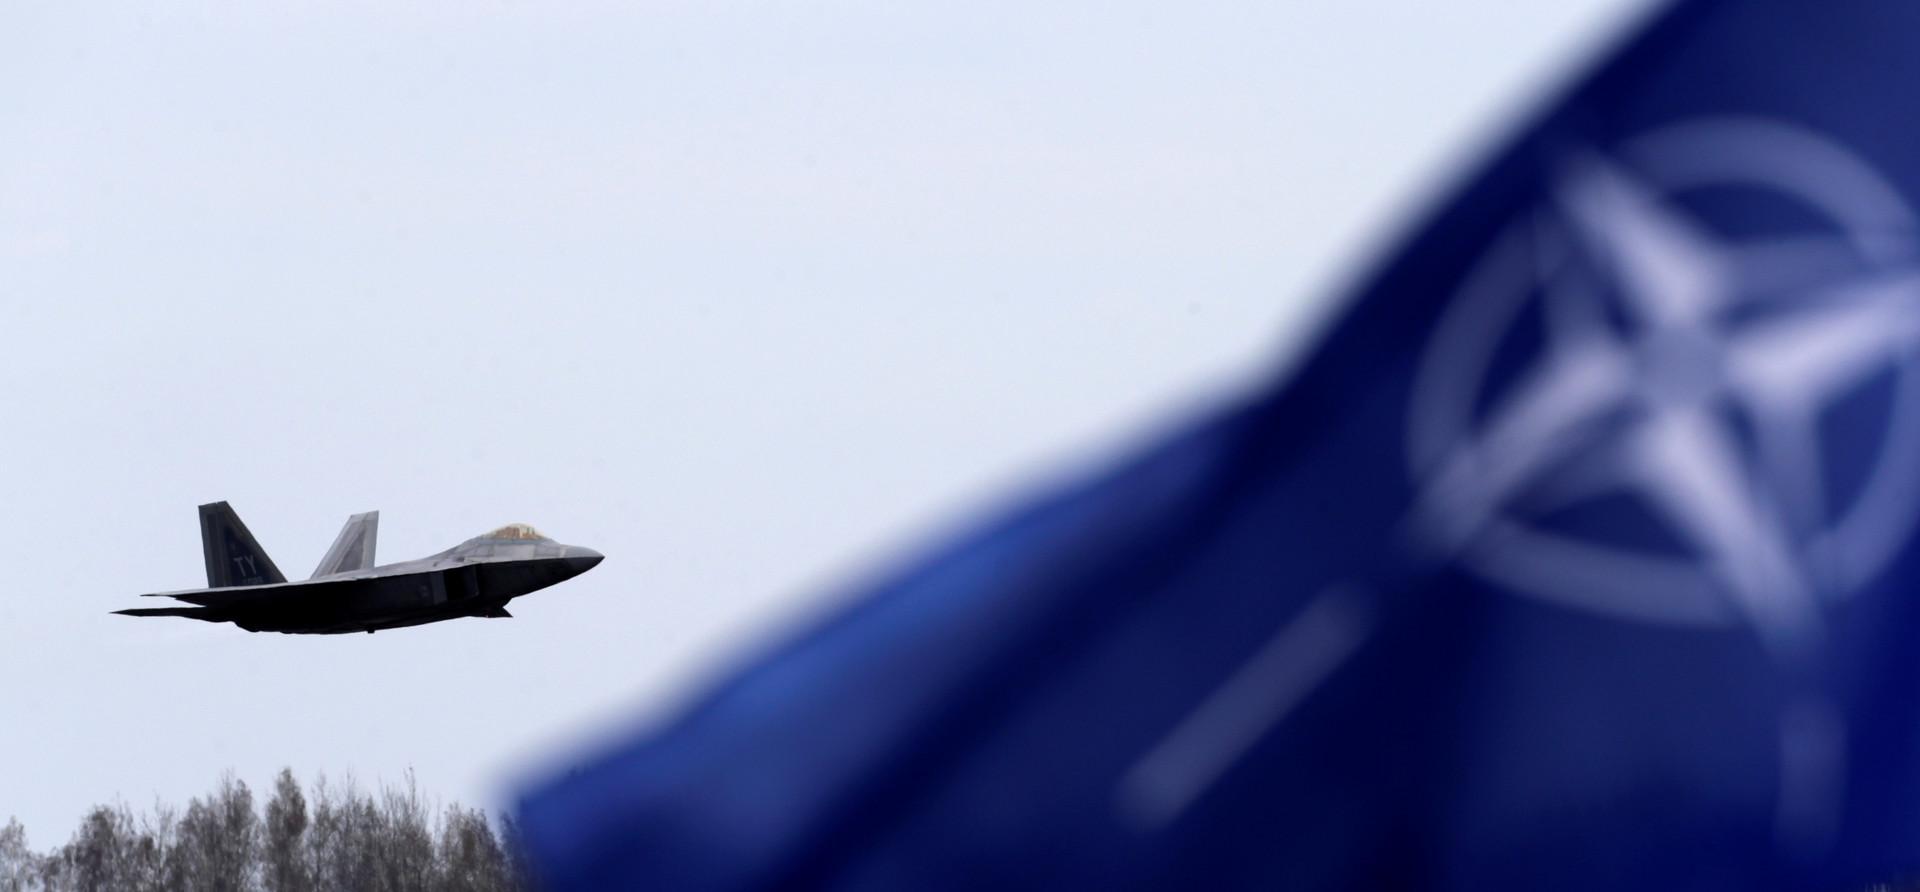 Deutsche Wirtschafts Nachrichten: НАТО направит немцев в Литву для устрашения России